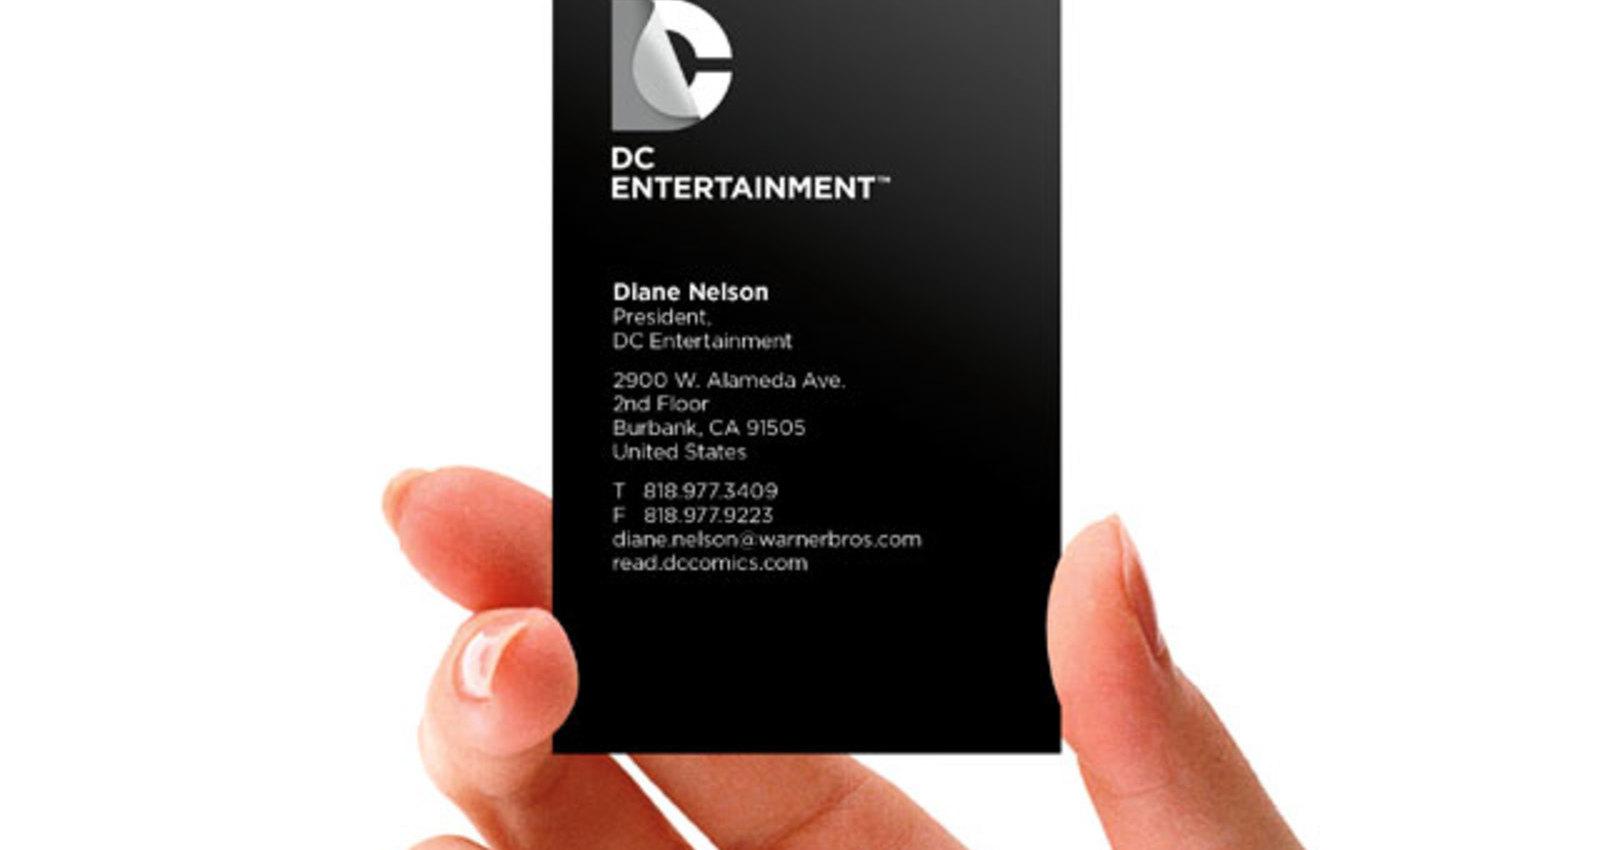 DC Entertainment